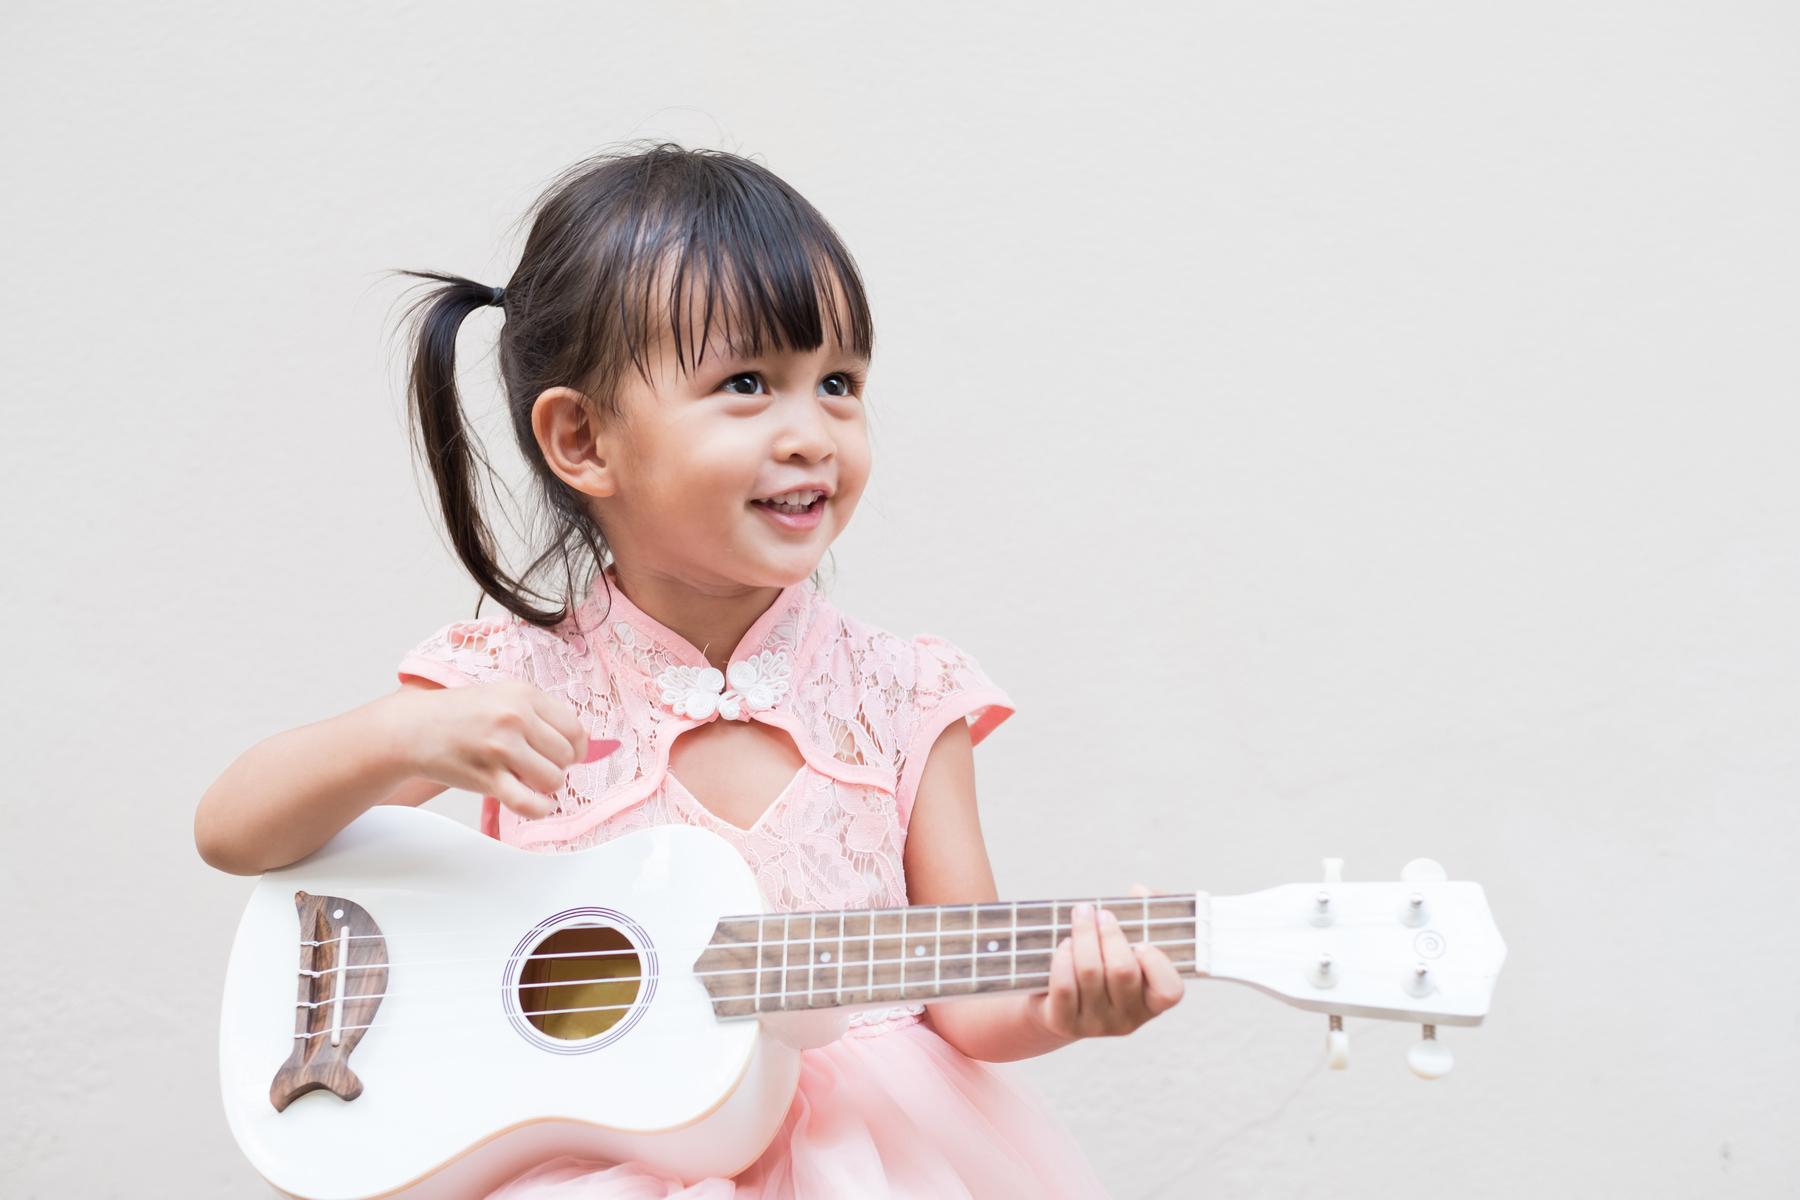 Child playing ukulele